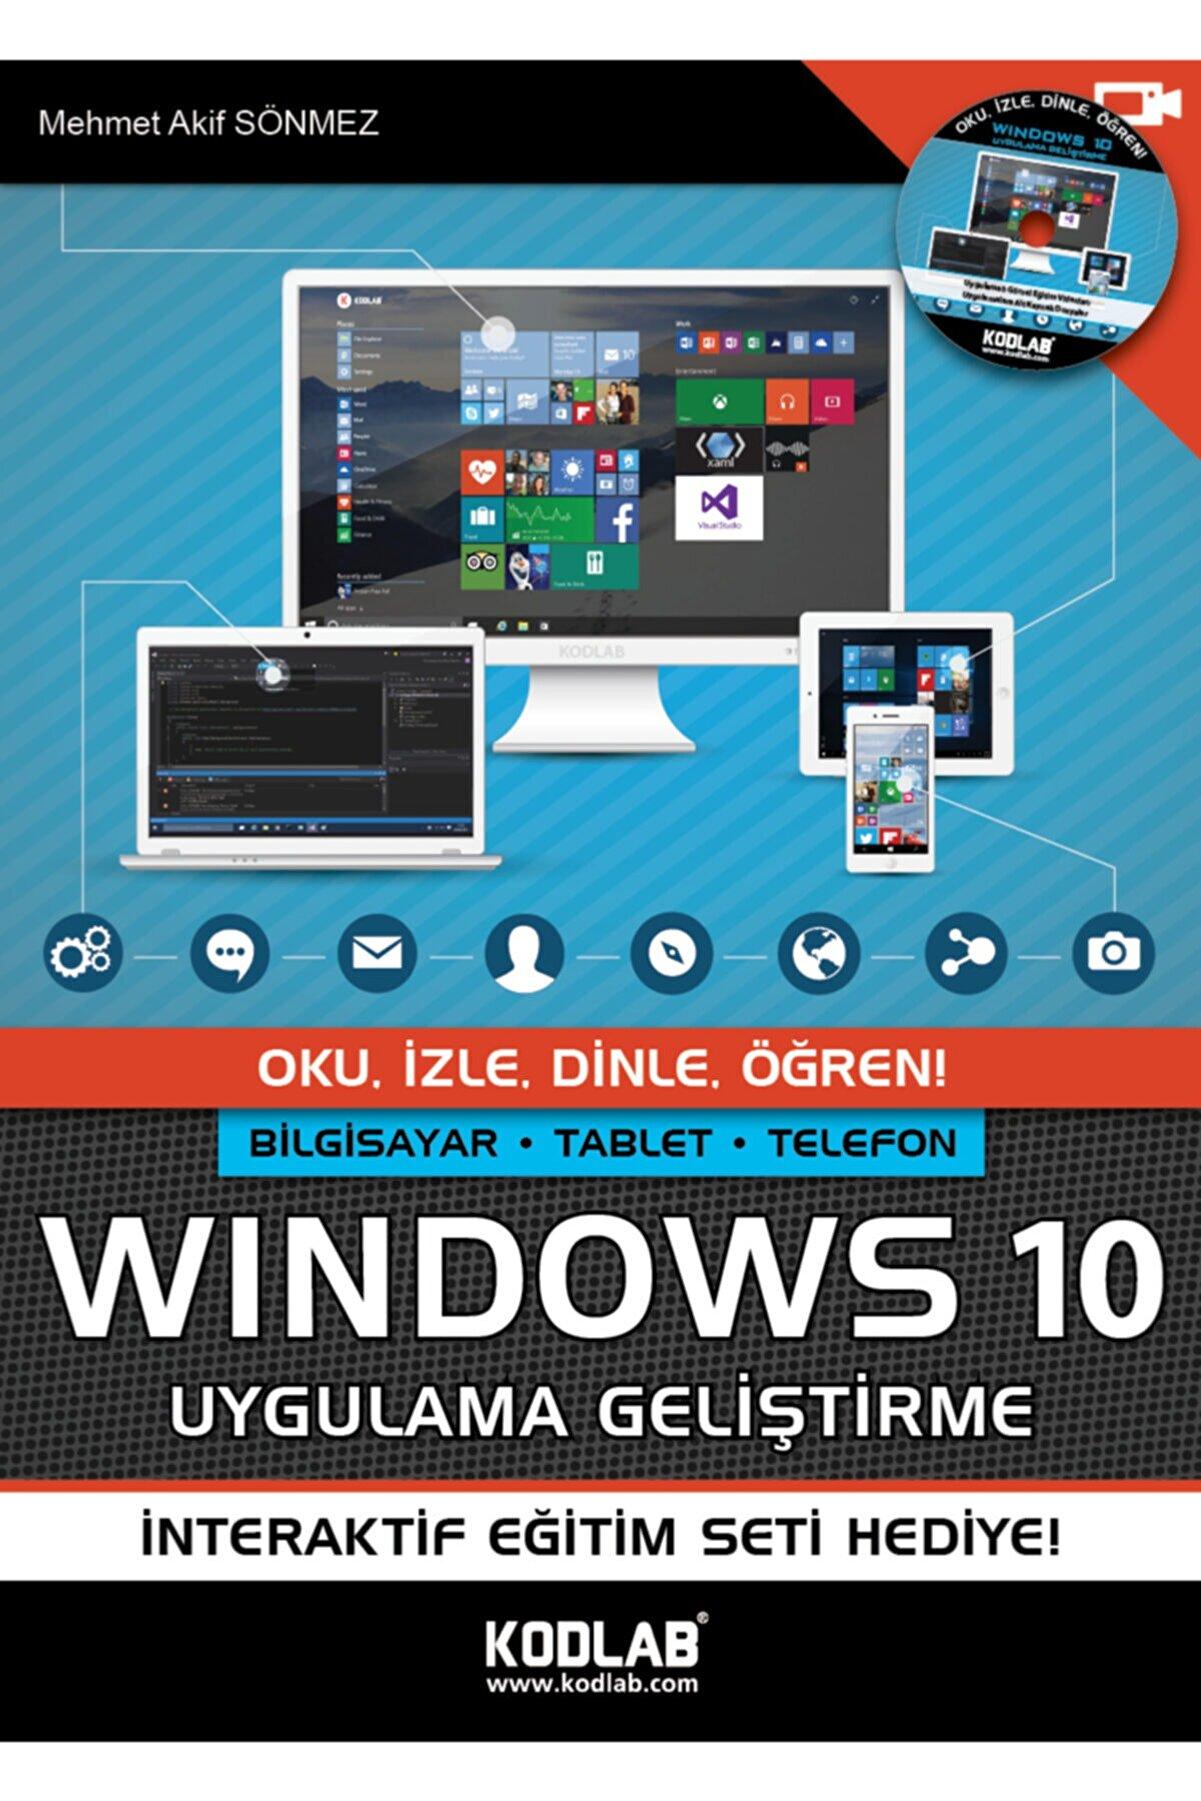 Kodlab Yayın Dağıtım Windows 10 Uygulama Geliştirme & Oku, Izle, Dinle, Öğren